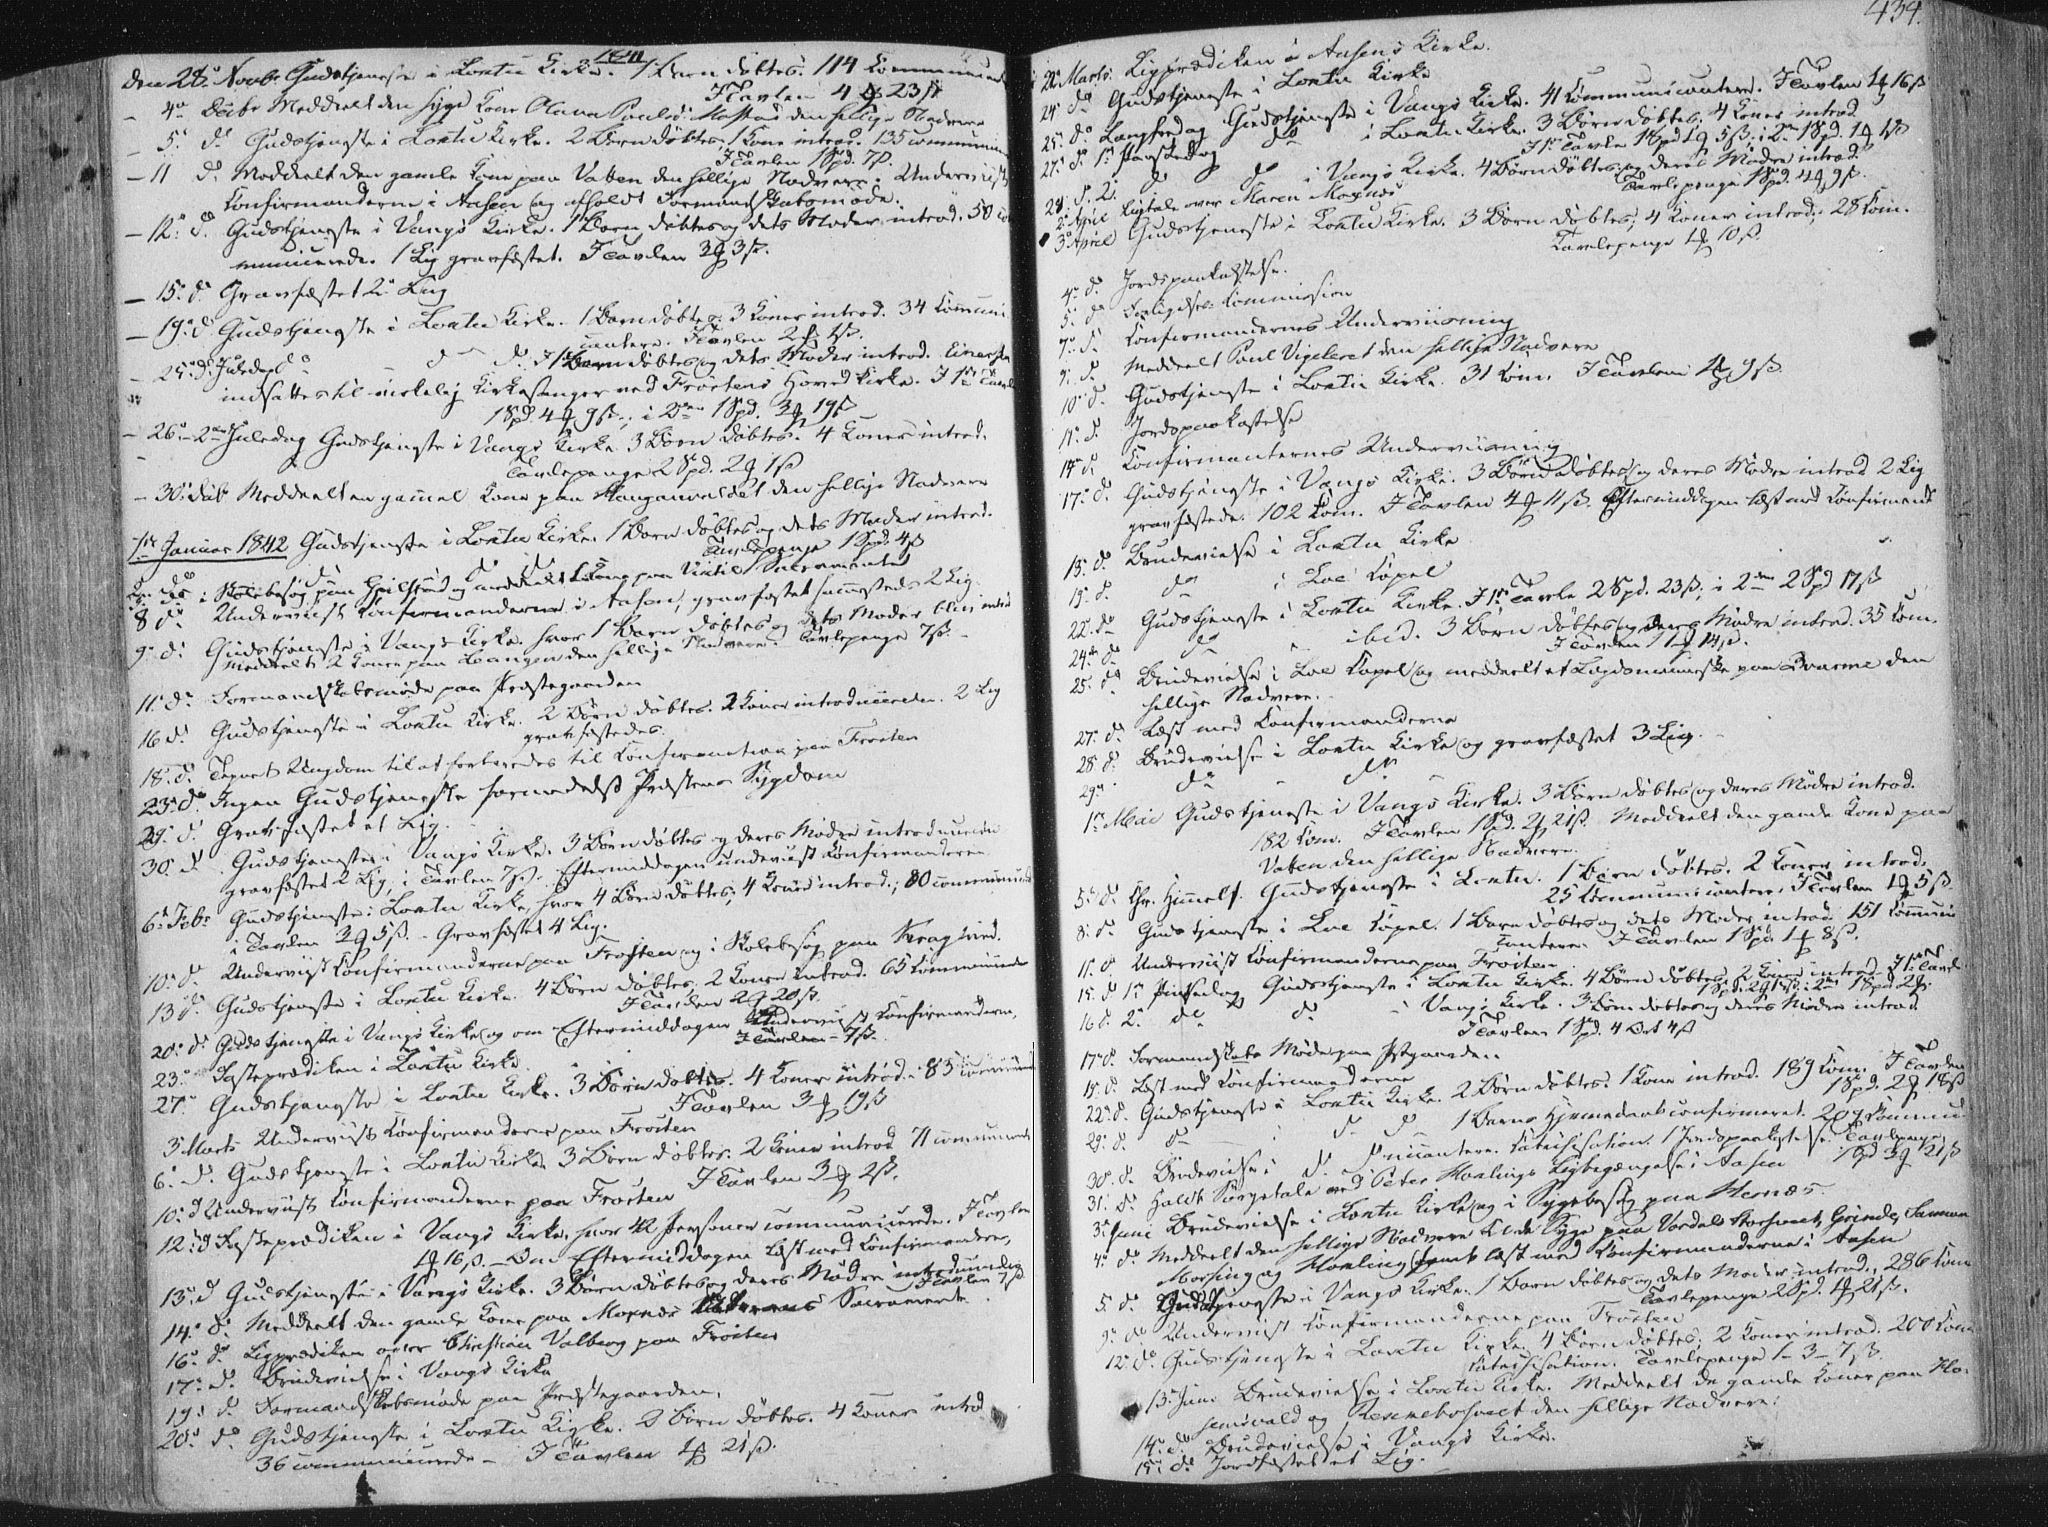 SAT, Ministerialprotokoller, klokkerbøker og fødselsregistre - Nord-Trøndelag, 713/L0115: Ministerialbok nr. 713A06, 1838-1851, s. 434